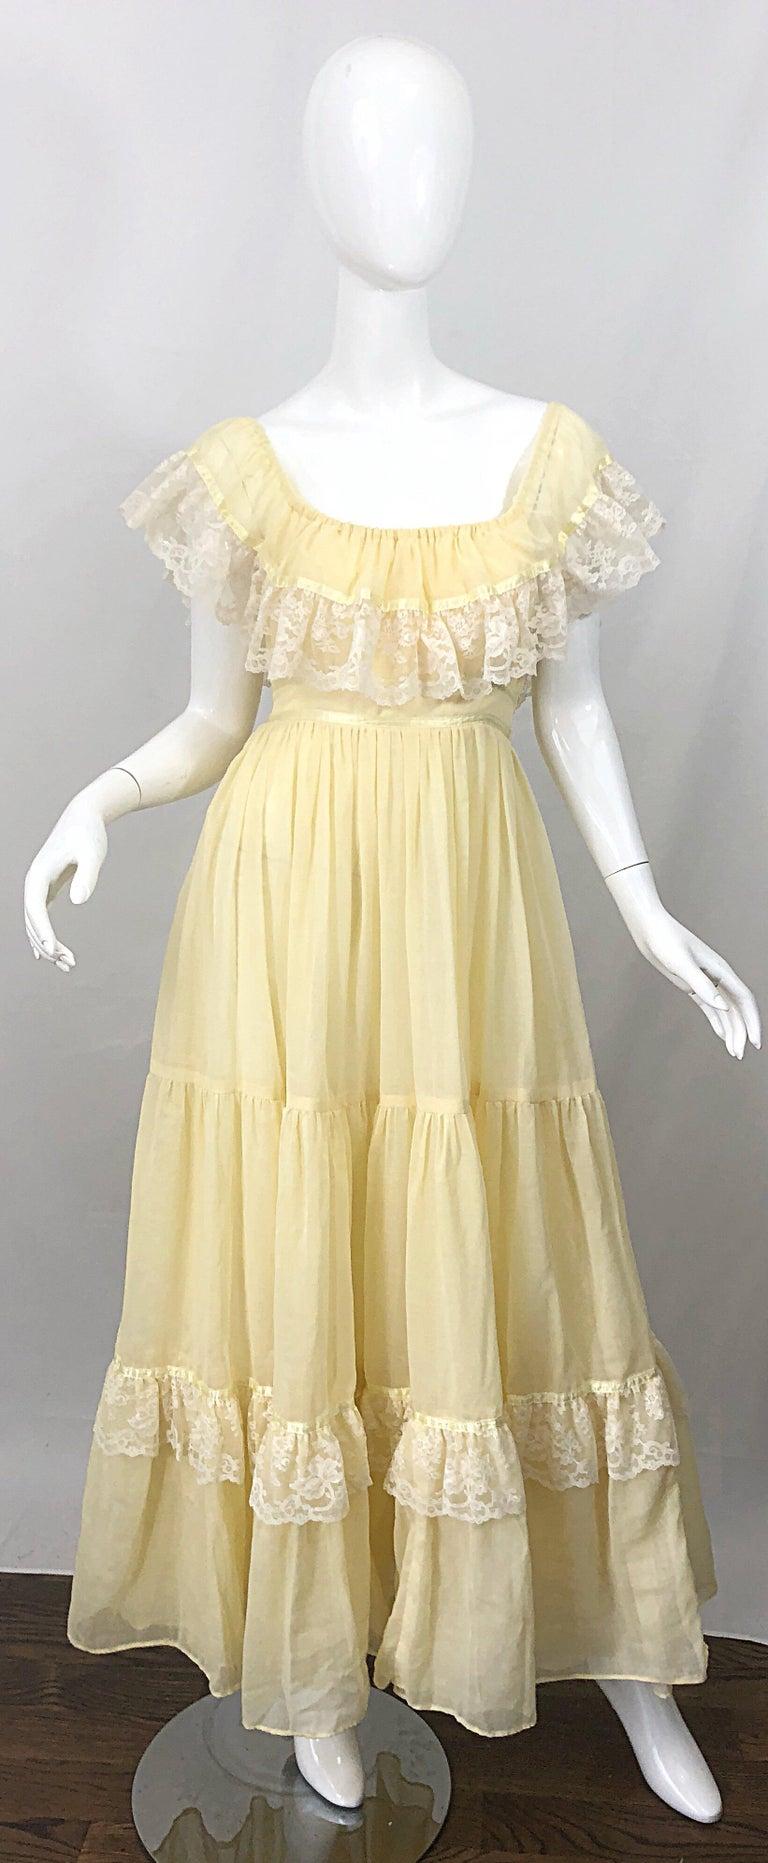 1970s Pale Light Yellow Cotton Voile + Lace Vintage Boho 70s Maxi Dress For Sale 9